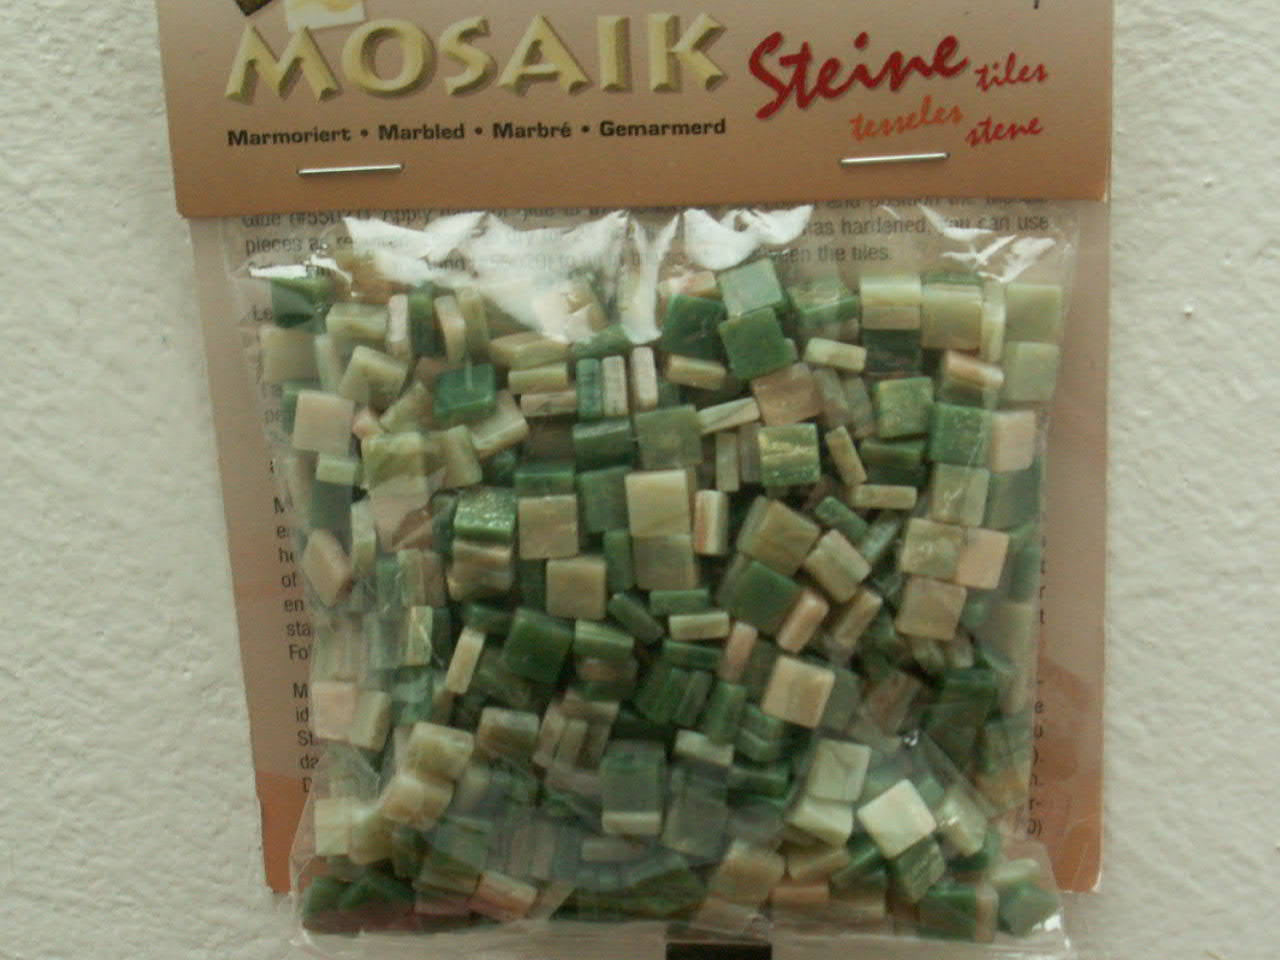 Mramorová pryskyřicová mozaika zelená - čtverečky 0,5 x 0,5 cm - balení 45 g. Tato mozaika je vyrobena z resinu - pryskyřice, jejíž výhodou je nízká hmotnost a zcela nové barvy. Můžete ji lepit běžným lepidlem jako skleněnou mozaiku, ale pro její leh